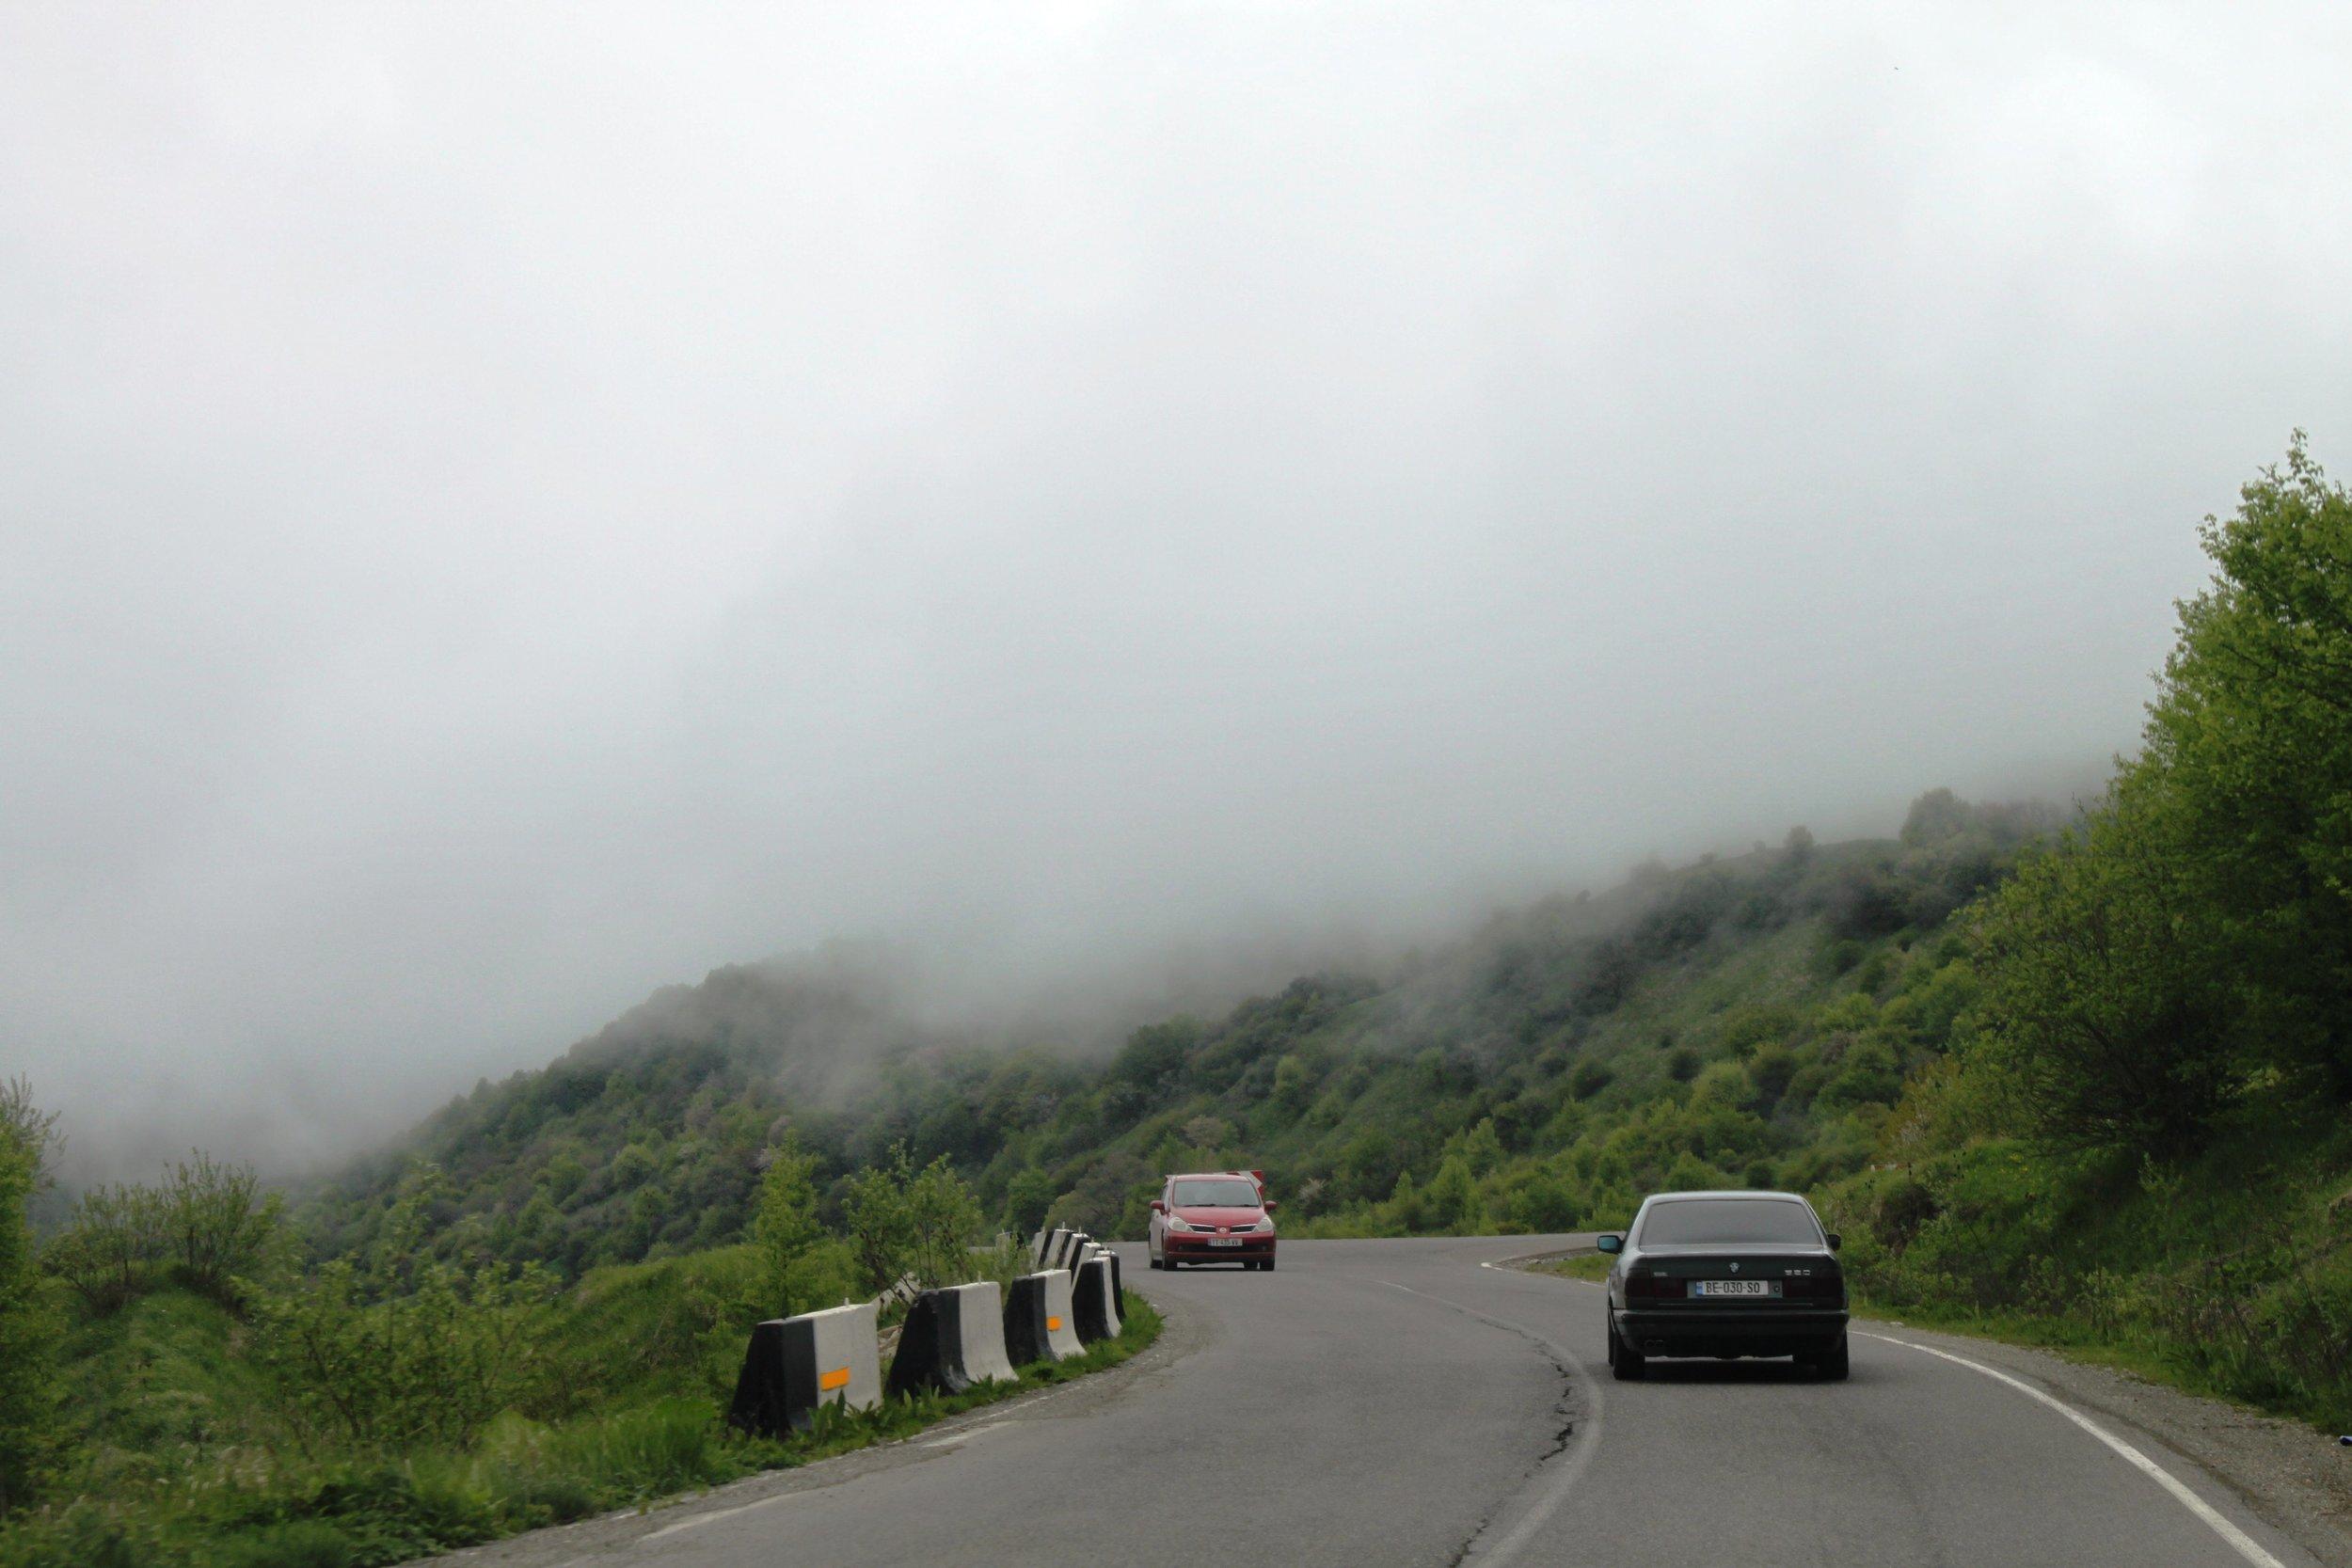 Мы поехали в Кахети через Гомборский перевал. Было облачно. Облака лежали прямо под ногами